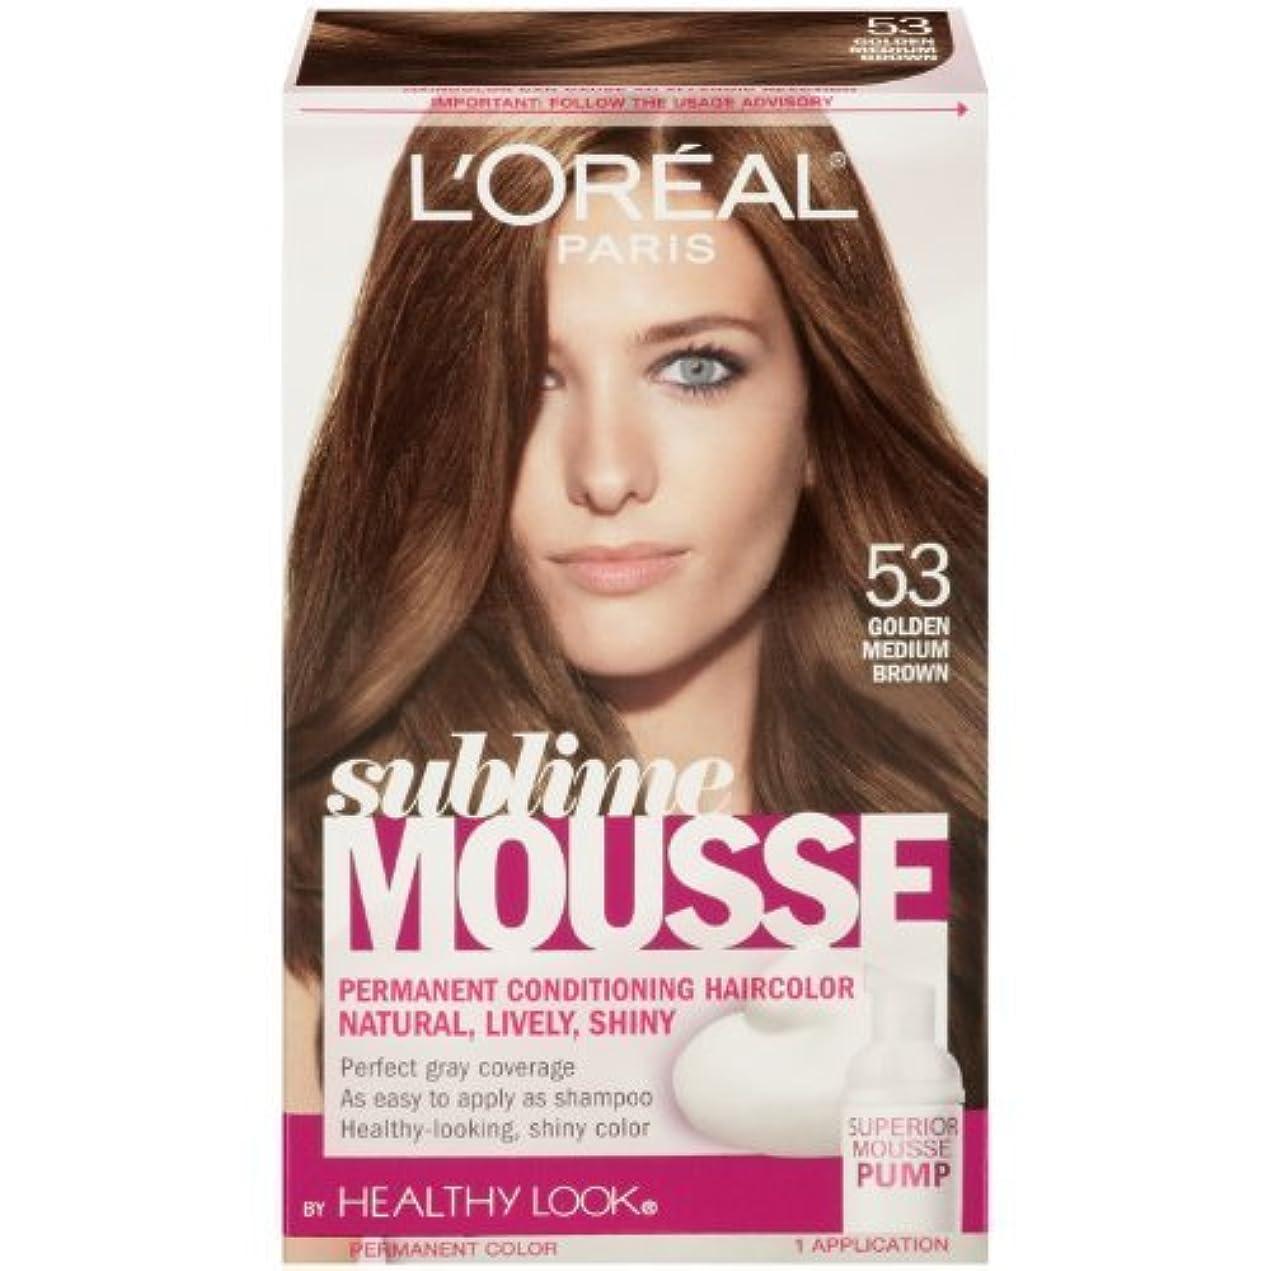 従事するユーモア社会L'Oreal Paris Sublime Mousse by Healthy Look Hair Color, 53 Golden Medium Brown by SUBLIME MOUSSE [並行輸入品]